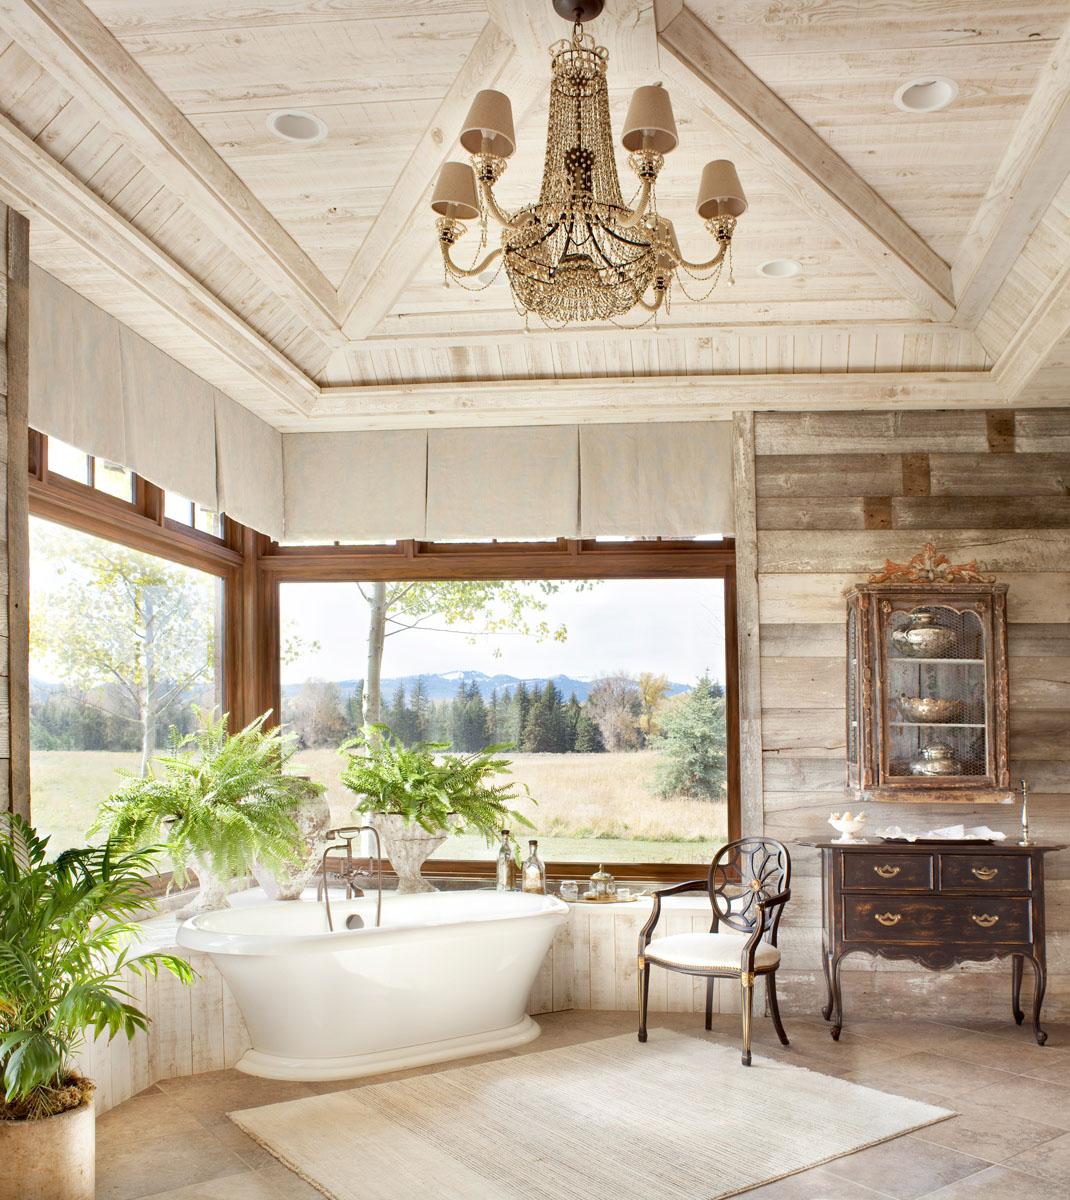 Rustic Style Interior Design   Rustic Design Ideas & Photos